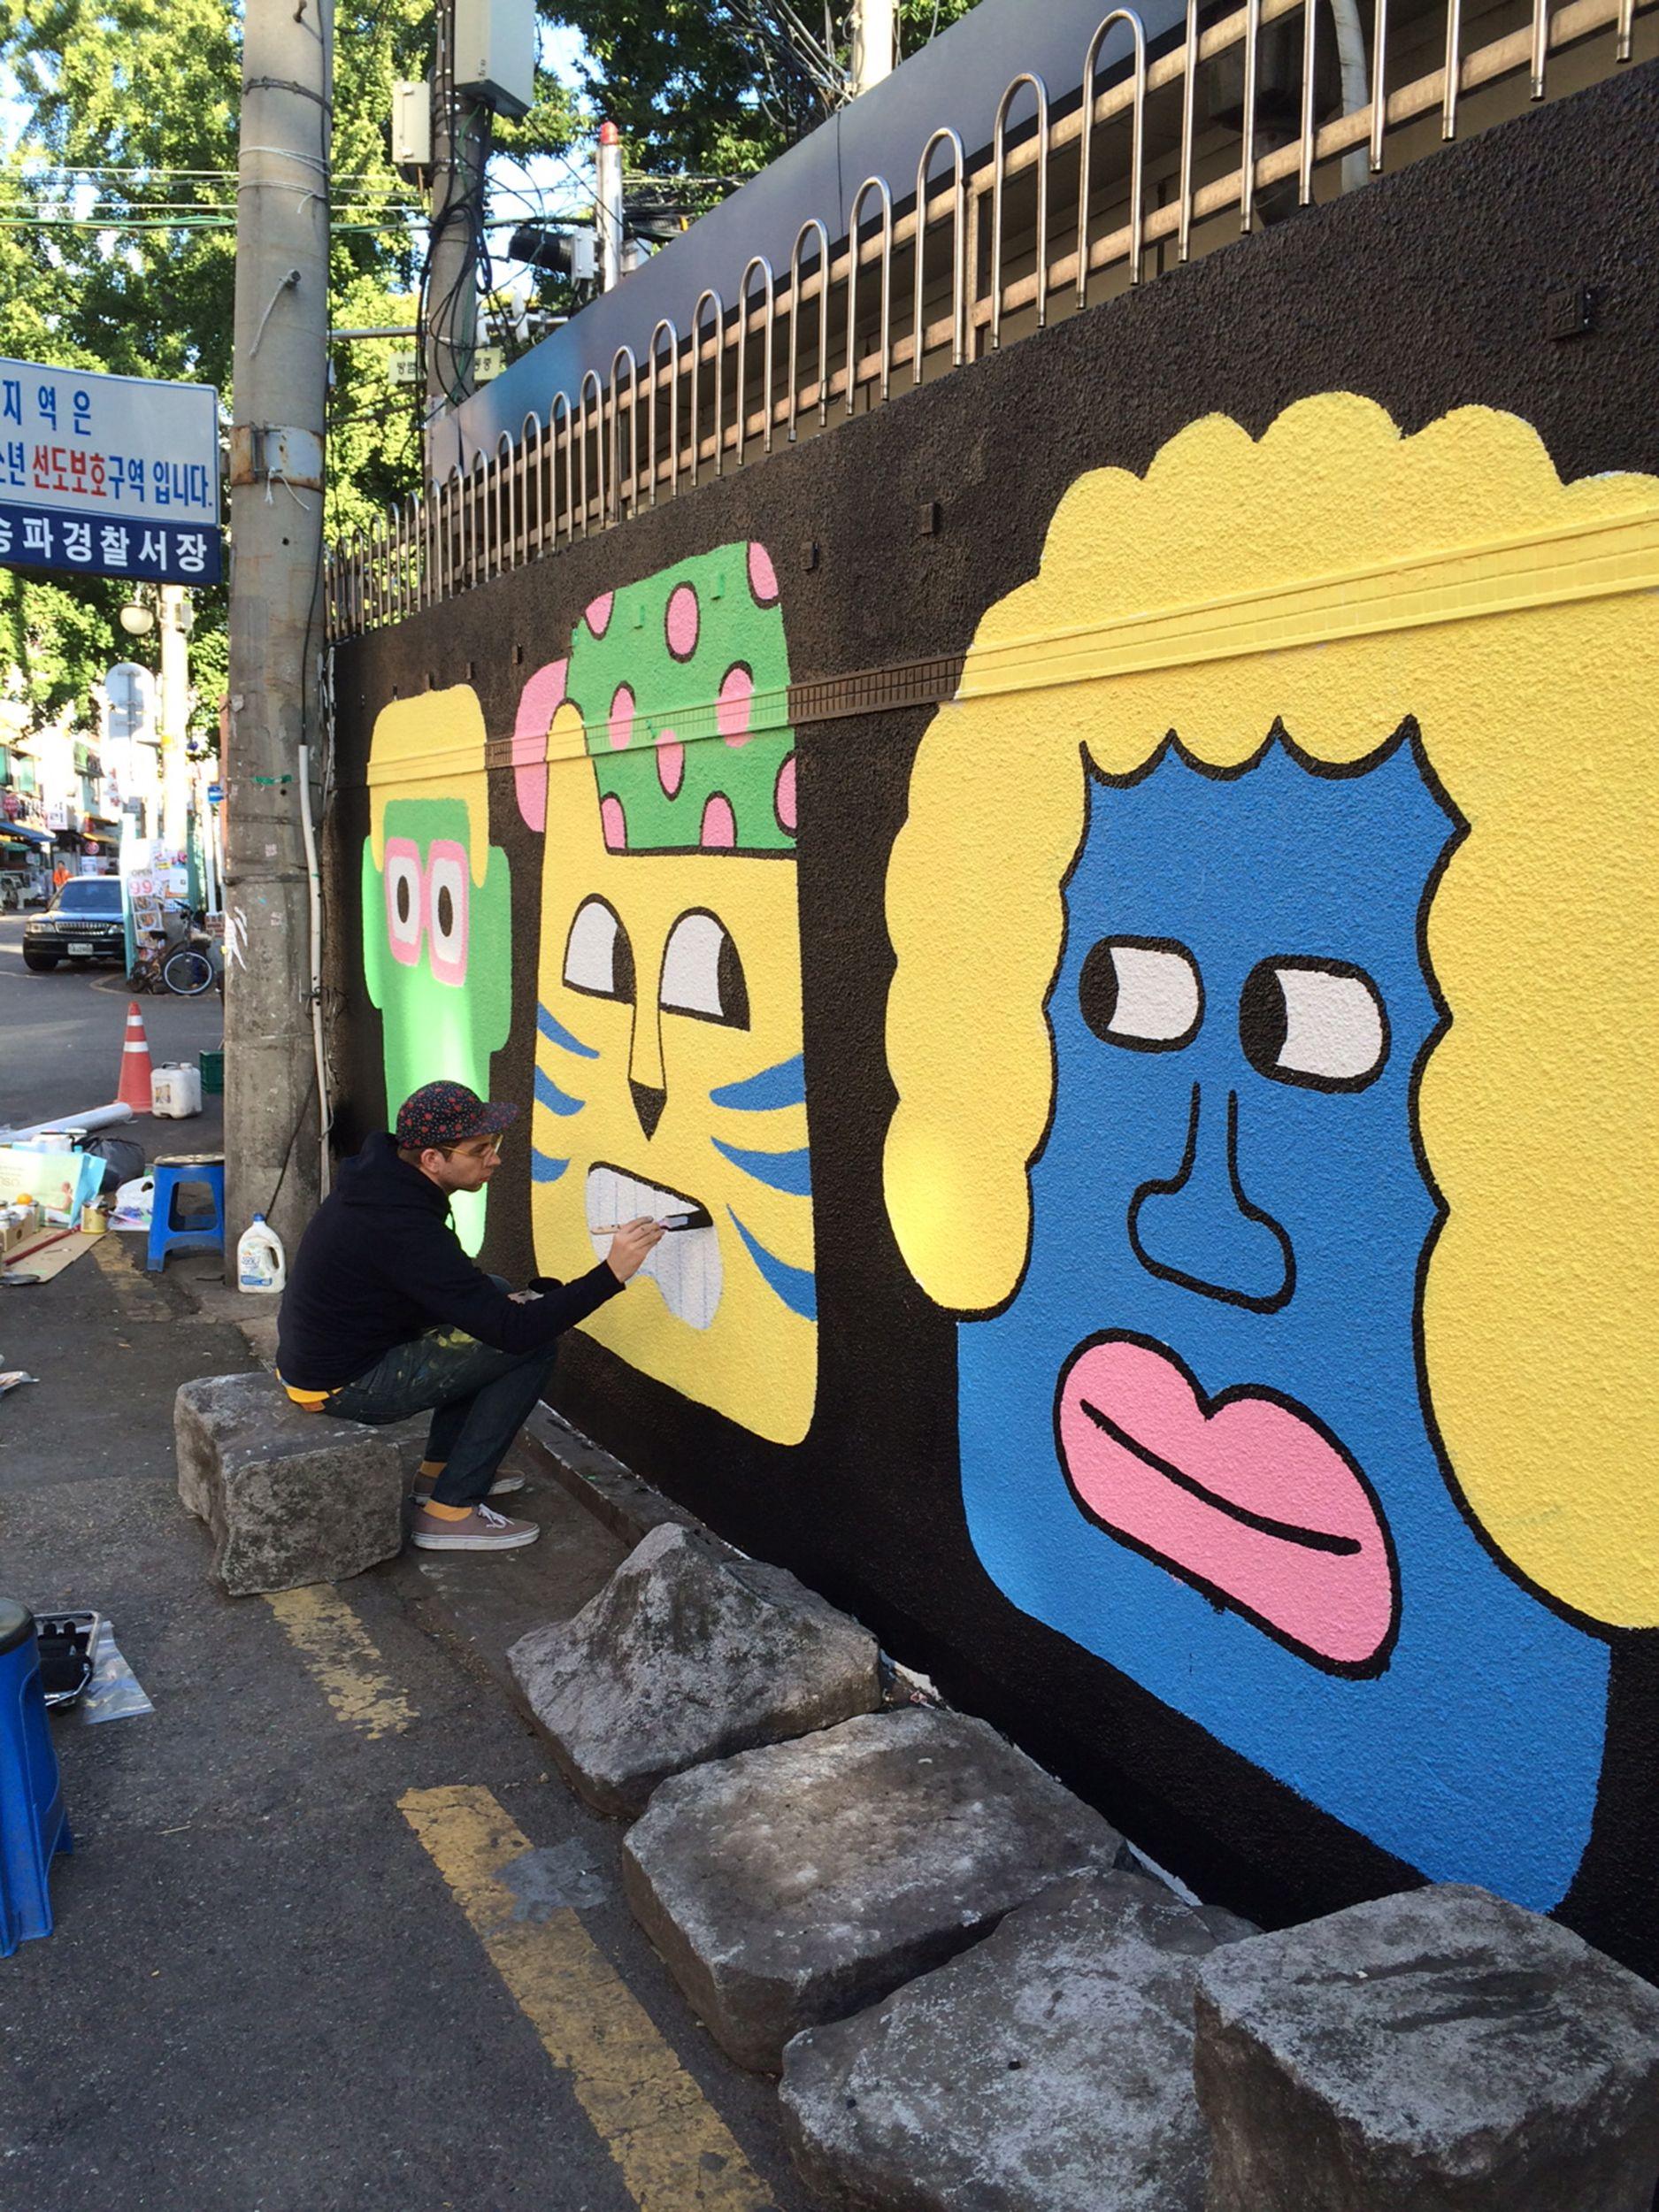 Andy Rementer | wall | Pinterest | Street art, Street and Graffiti